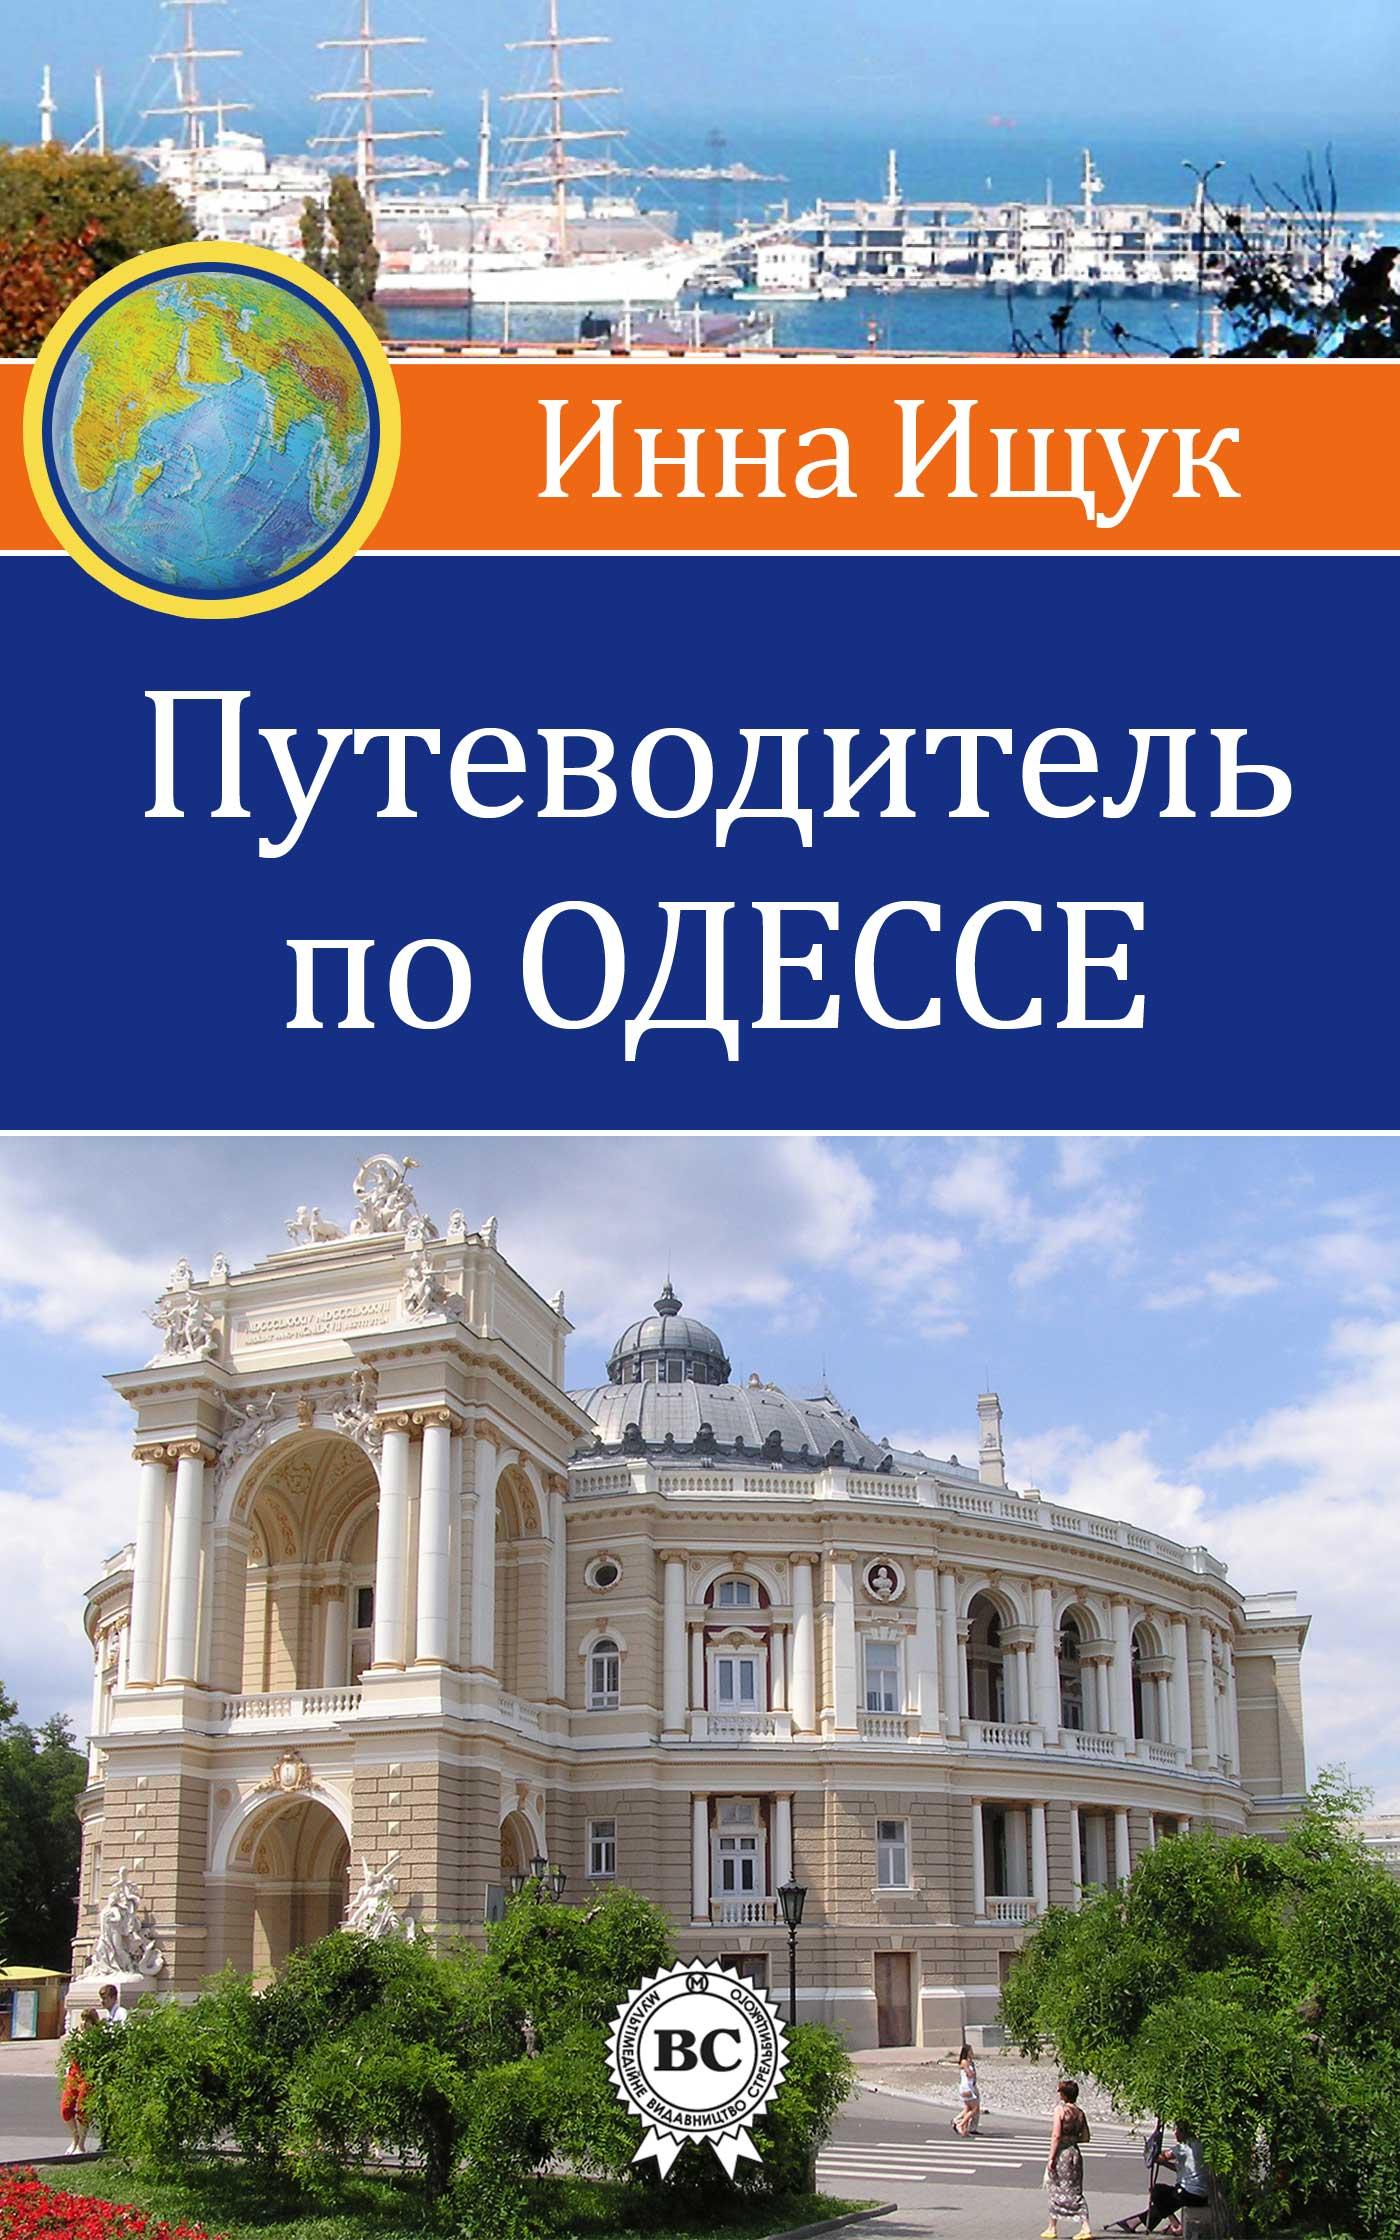 Инна Ищук Путеводитель по Одессе